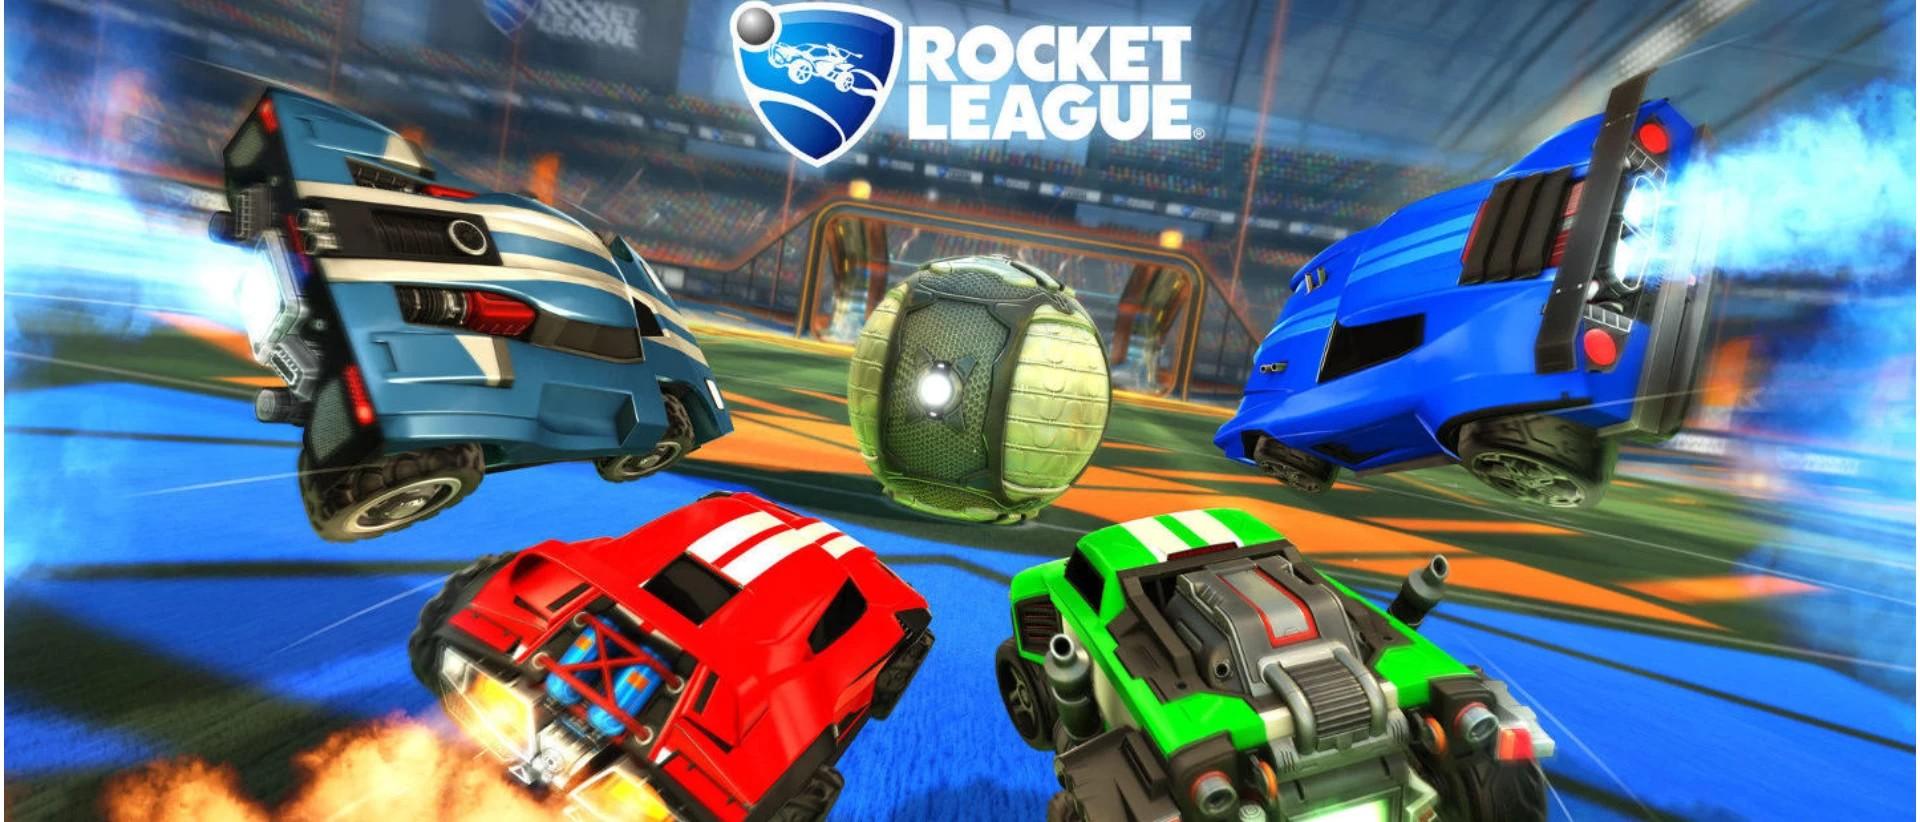 Building the Best PC for Rocket League